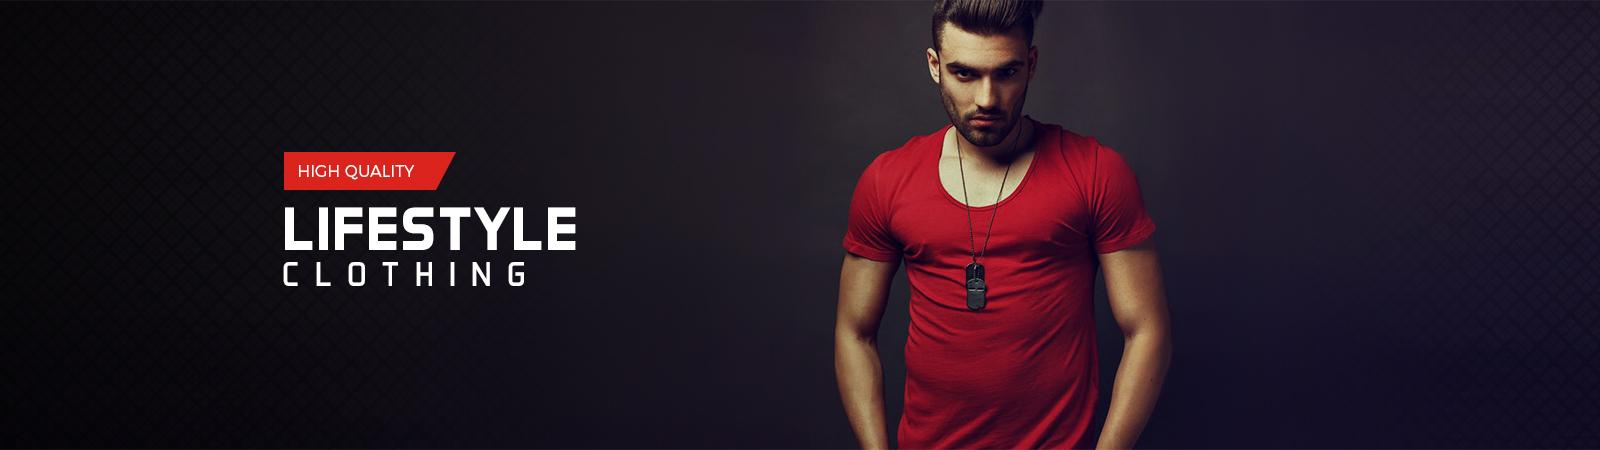 Life Style Clothing-5